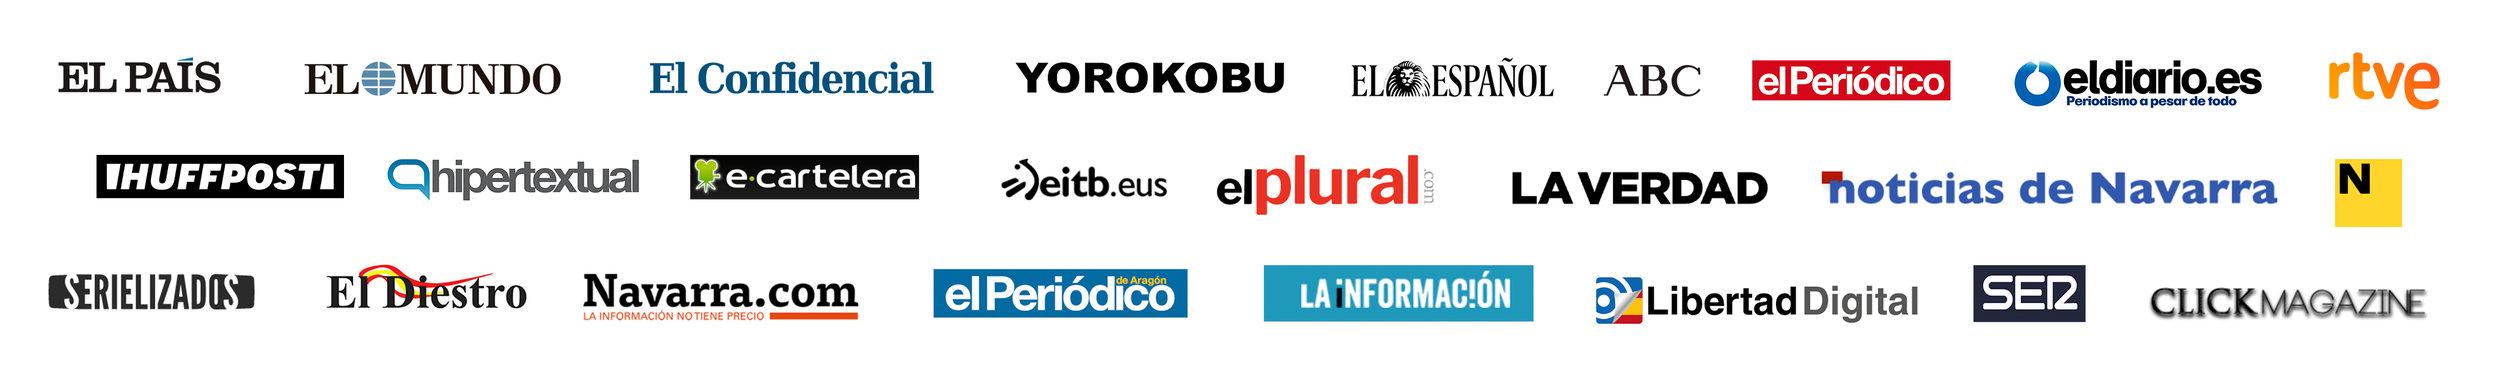 Logos_periodicos.jpg